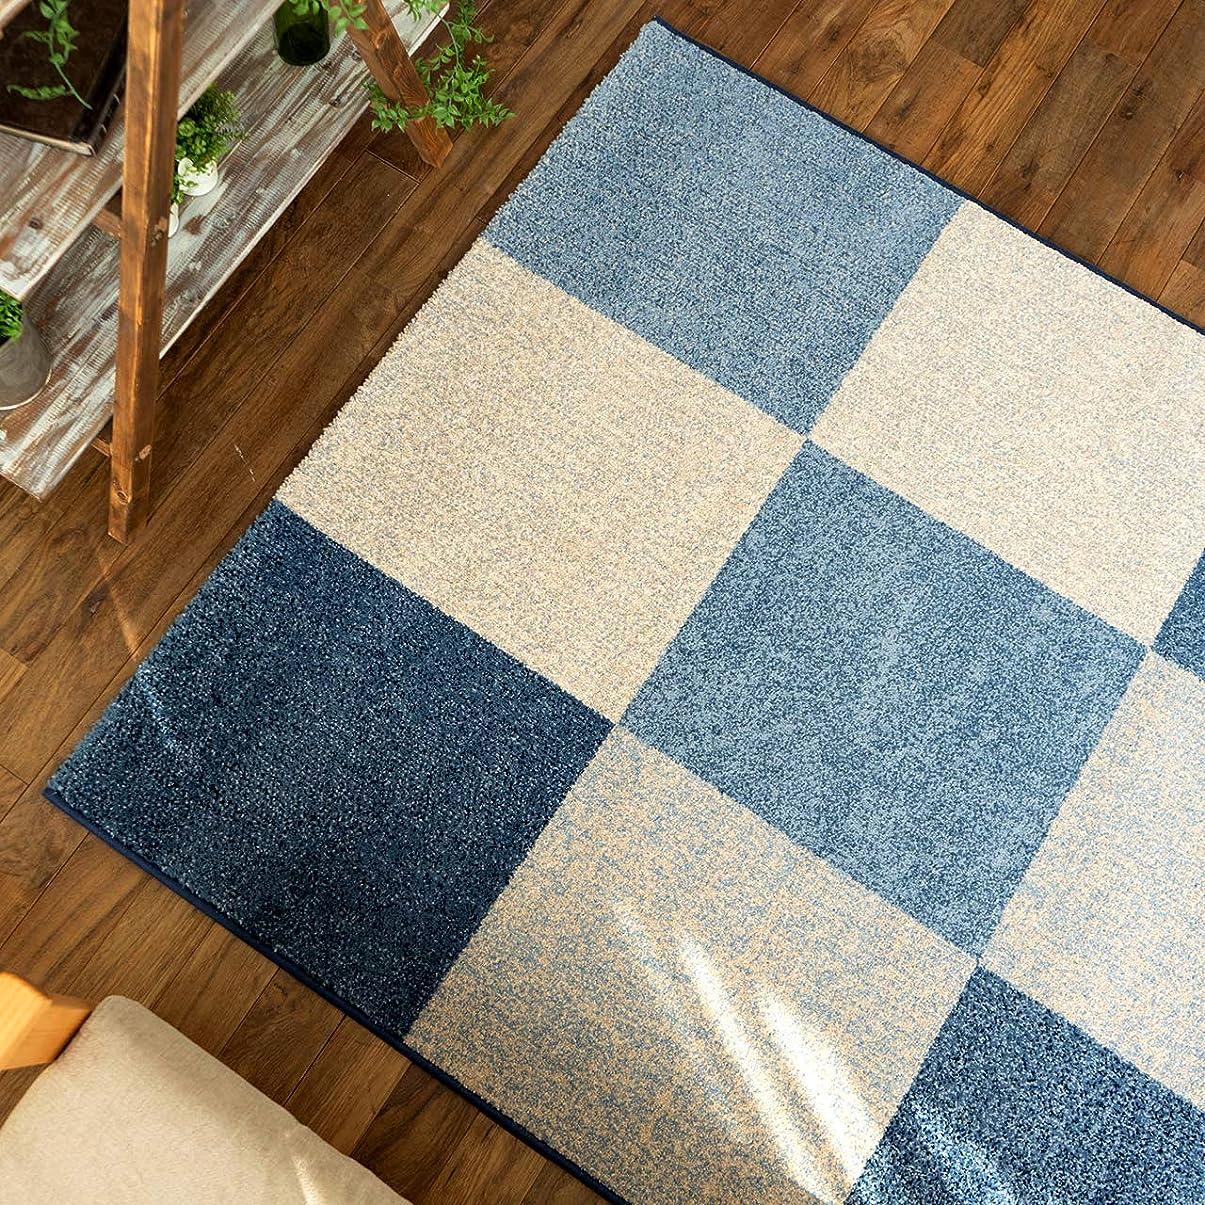 おしゃれ な パッチワーク ブルー ラグ フロスティー ブロック 200x200 cm 約 2畳 ヨーロッパ ベルギー製 輸入 ウィルトン織 カーペット 床暖房 ホットカーペットカバー対応